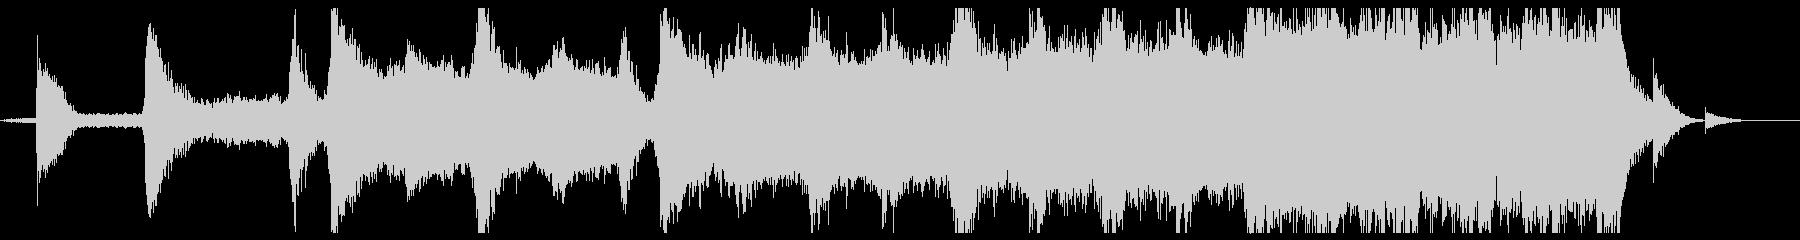 オーケストラシネマティックの未再生の波形